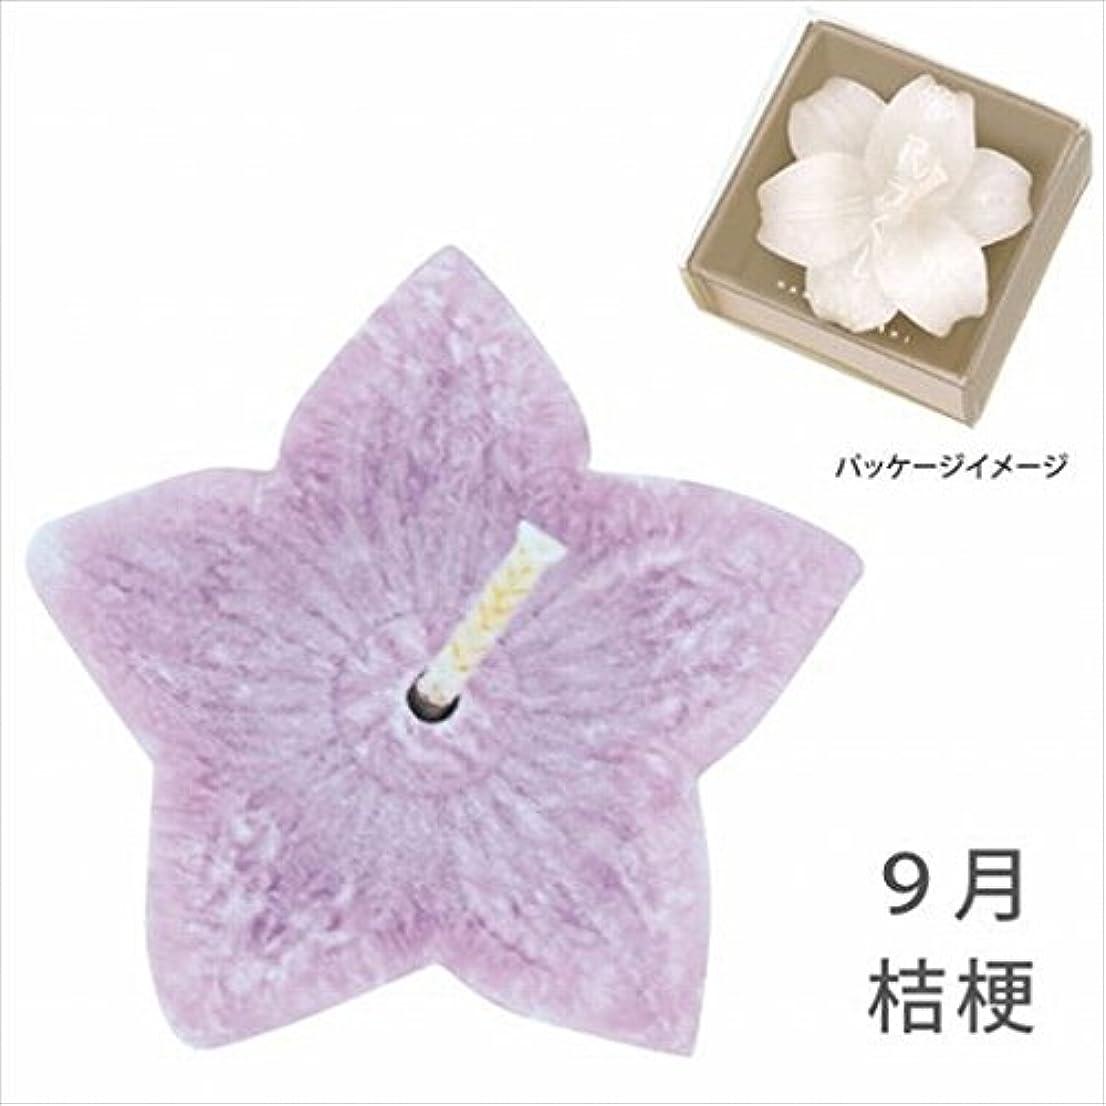 葉を拾う動物一時停止カメヤマキャンドル( kameyama candle ) 花づくし(植物性) 桔梗 「 桔梗(9月) 」 キャンドル